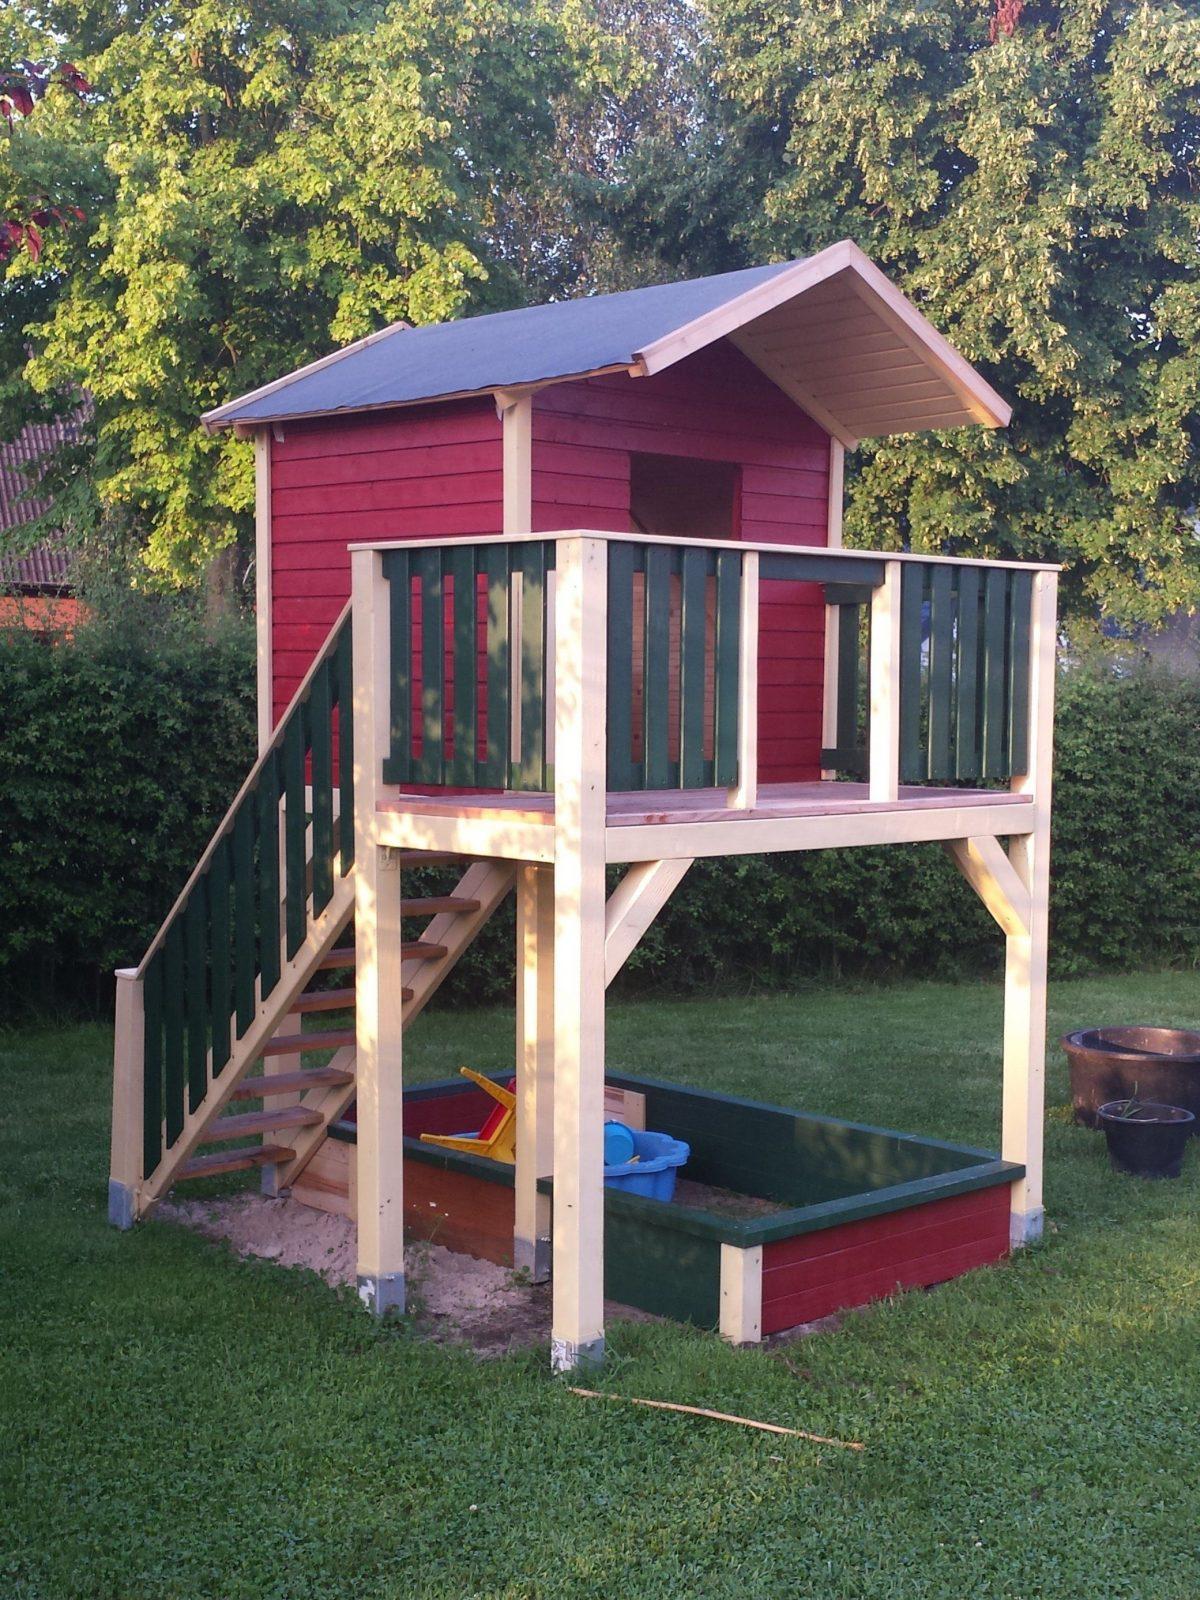 Spielturm Mit Treppe Bauanleitung Zum Selber Bauen  Playhouse von Bauanleitung Spielturm Selber Bauen Bild